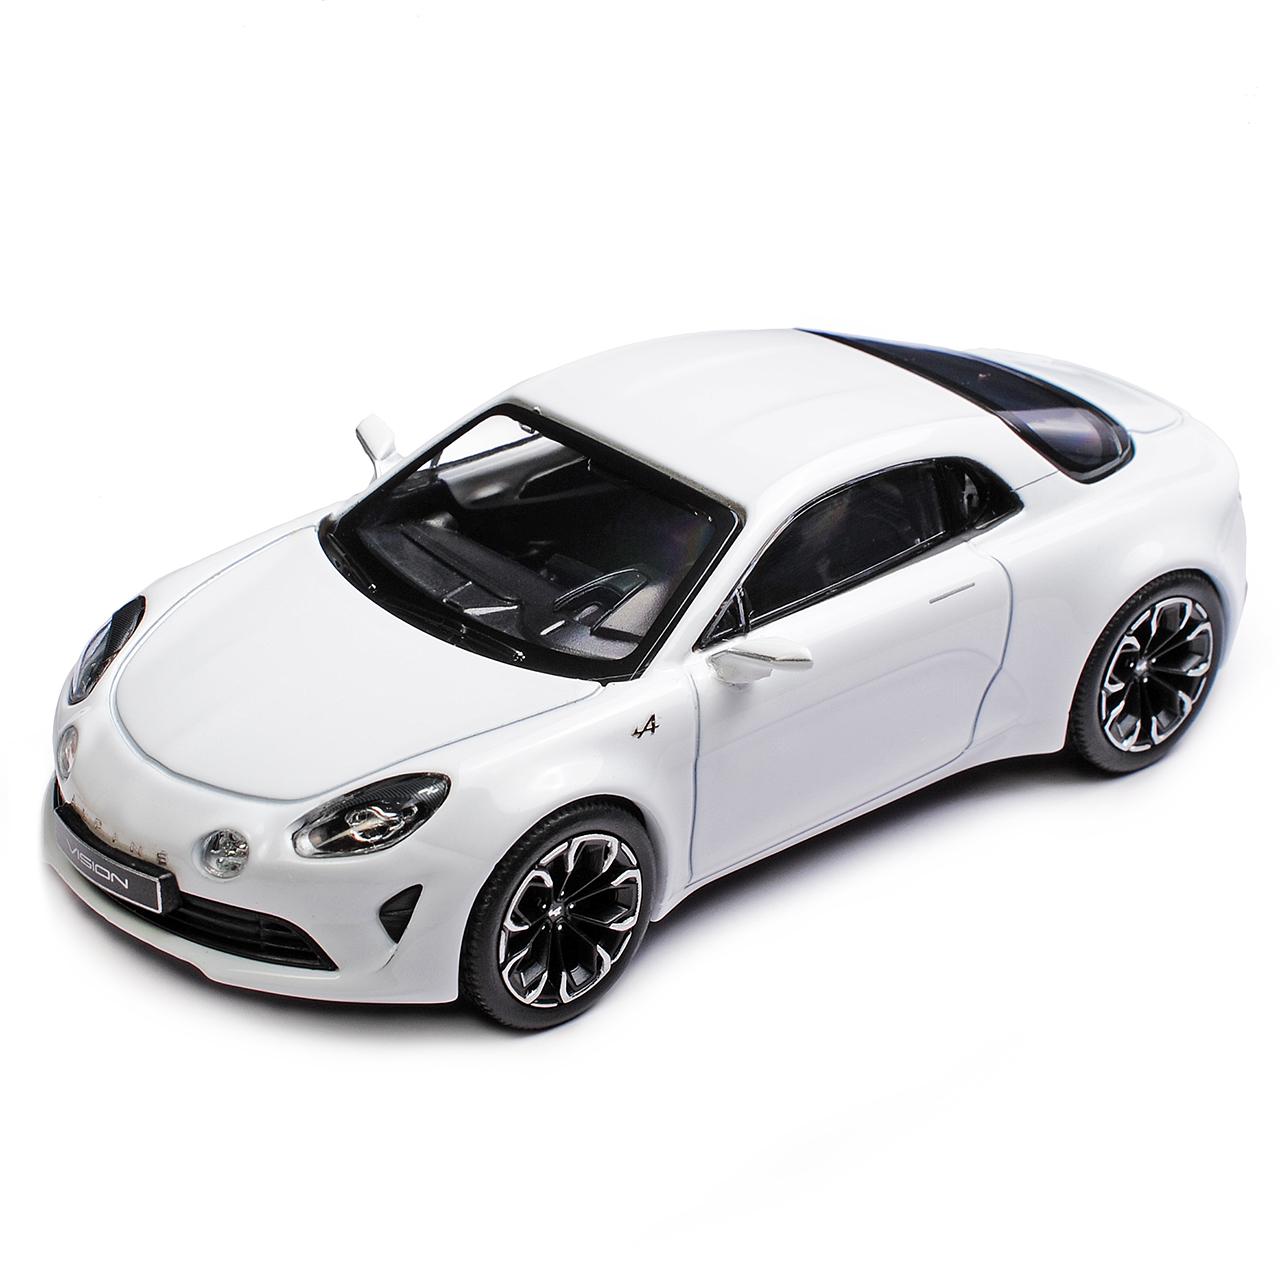 Doppelset Renault Alpine Vision Concept Weiss und Alpine A110 A110 A110 limitiert 1 von .. 8acd0a